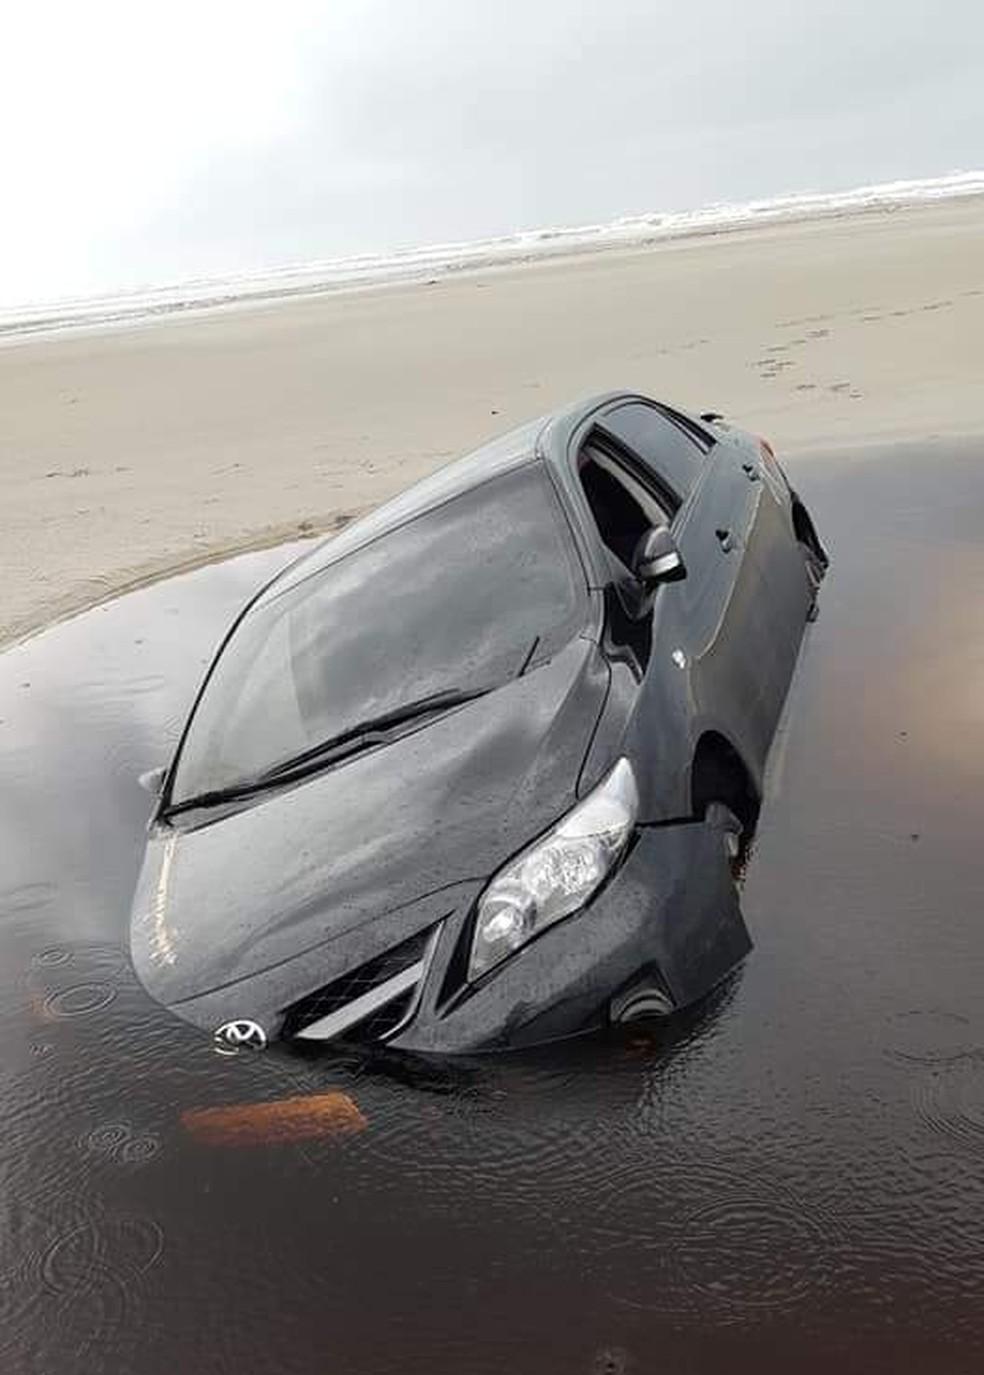 Carro atolado na faixa de areia foi tomado pelo mar em Ilha Comprida, SP — Foto: Arquivo pessoal/José Soares Bender